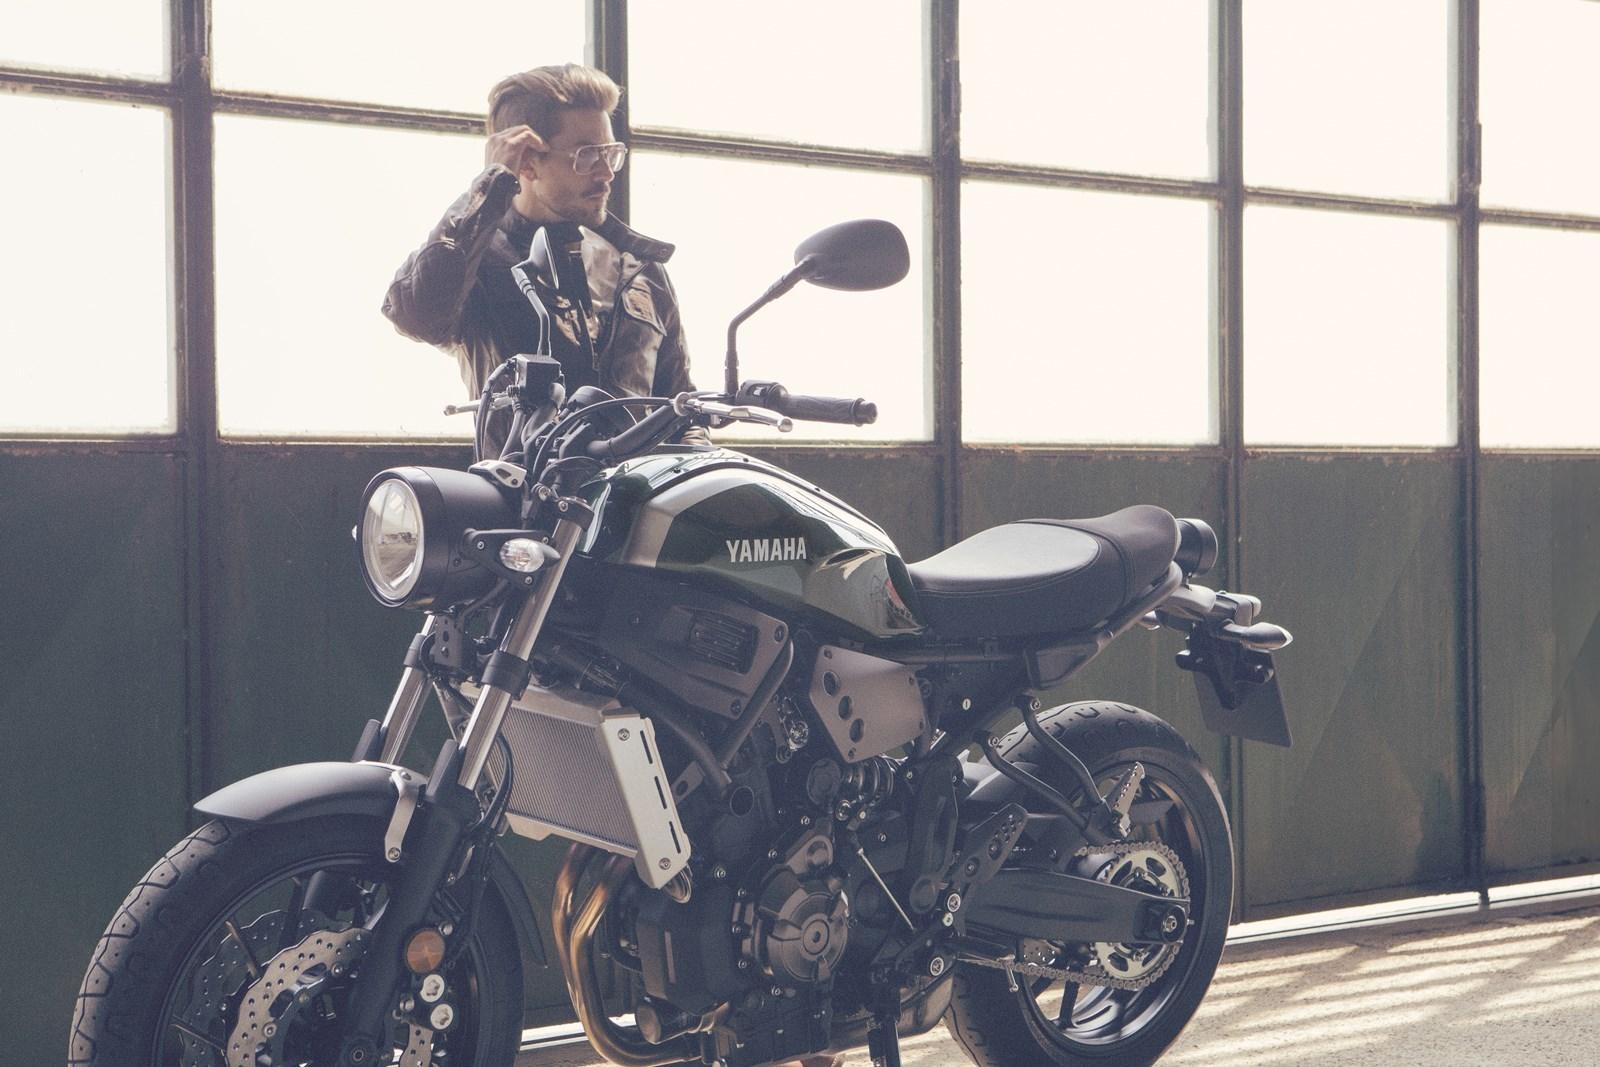 Foto de Yamaha XSR700 en acción y detalles (21/41)